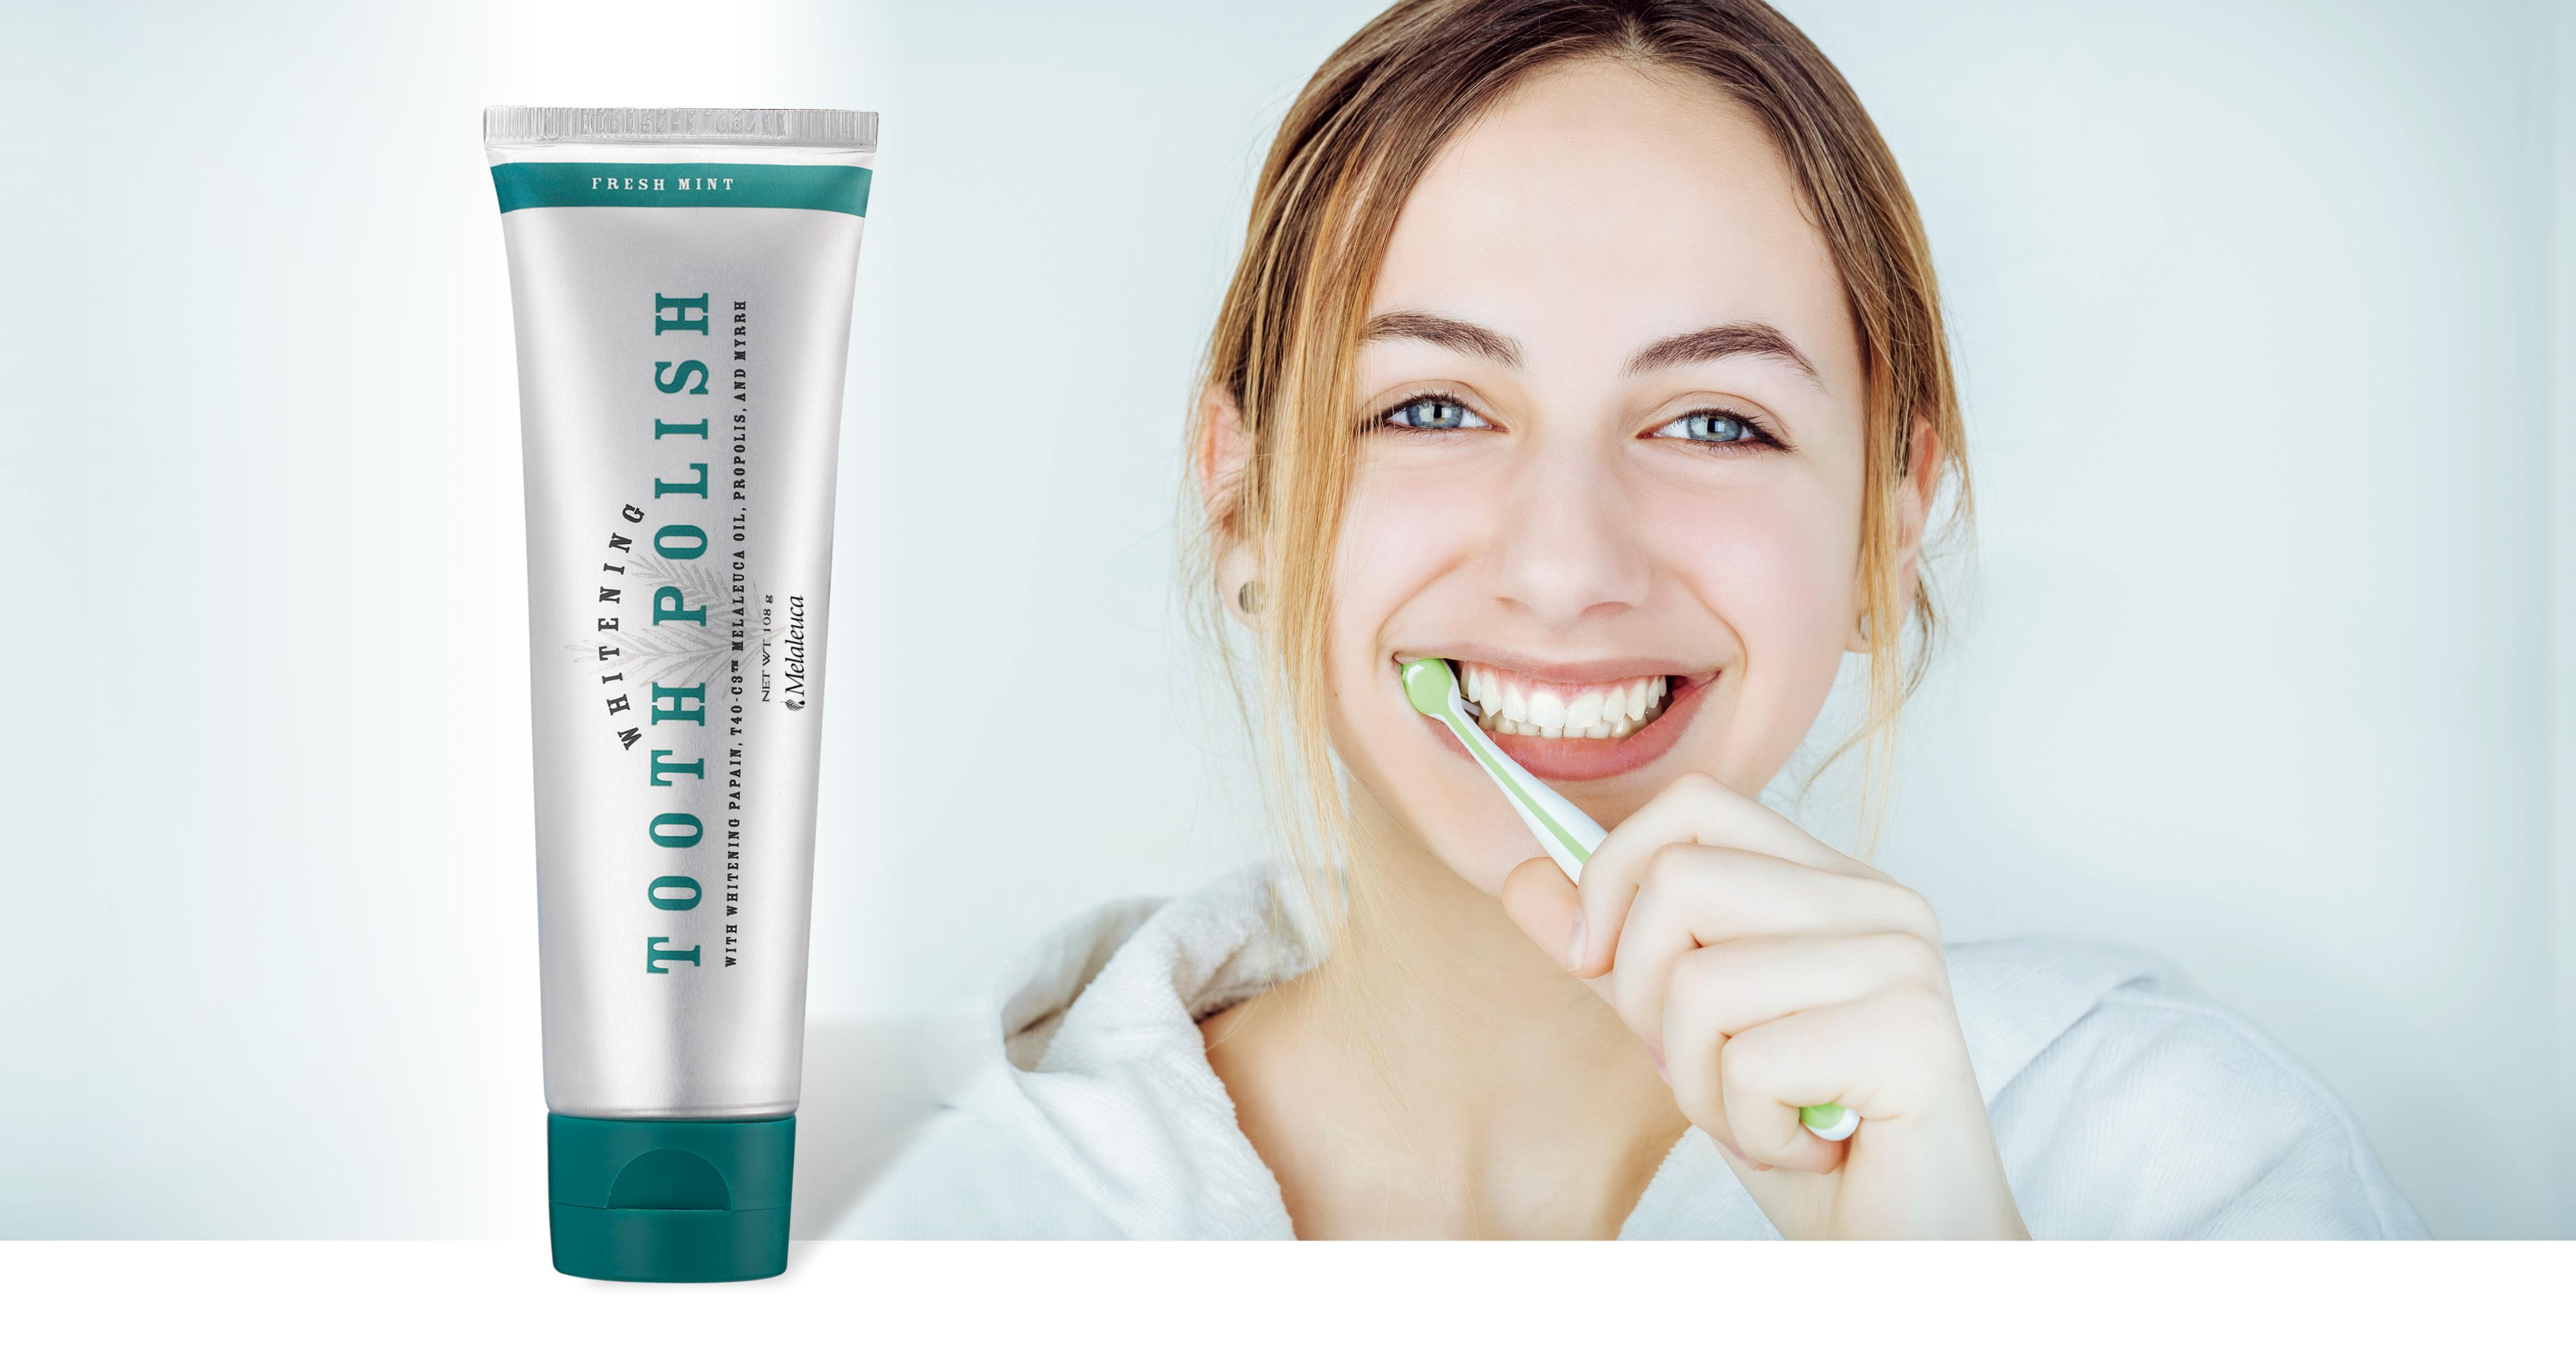 美樂家牙膏評價推薦:強健咀嚼力,先做好口腔護理